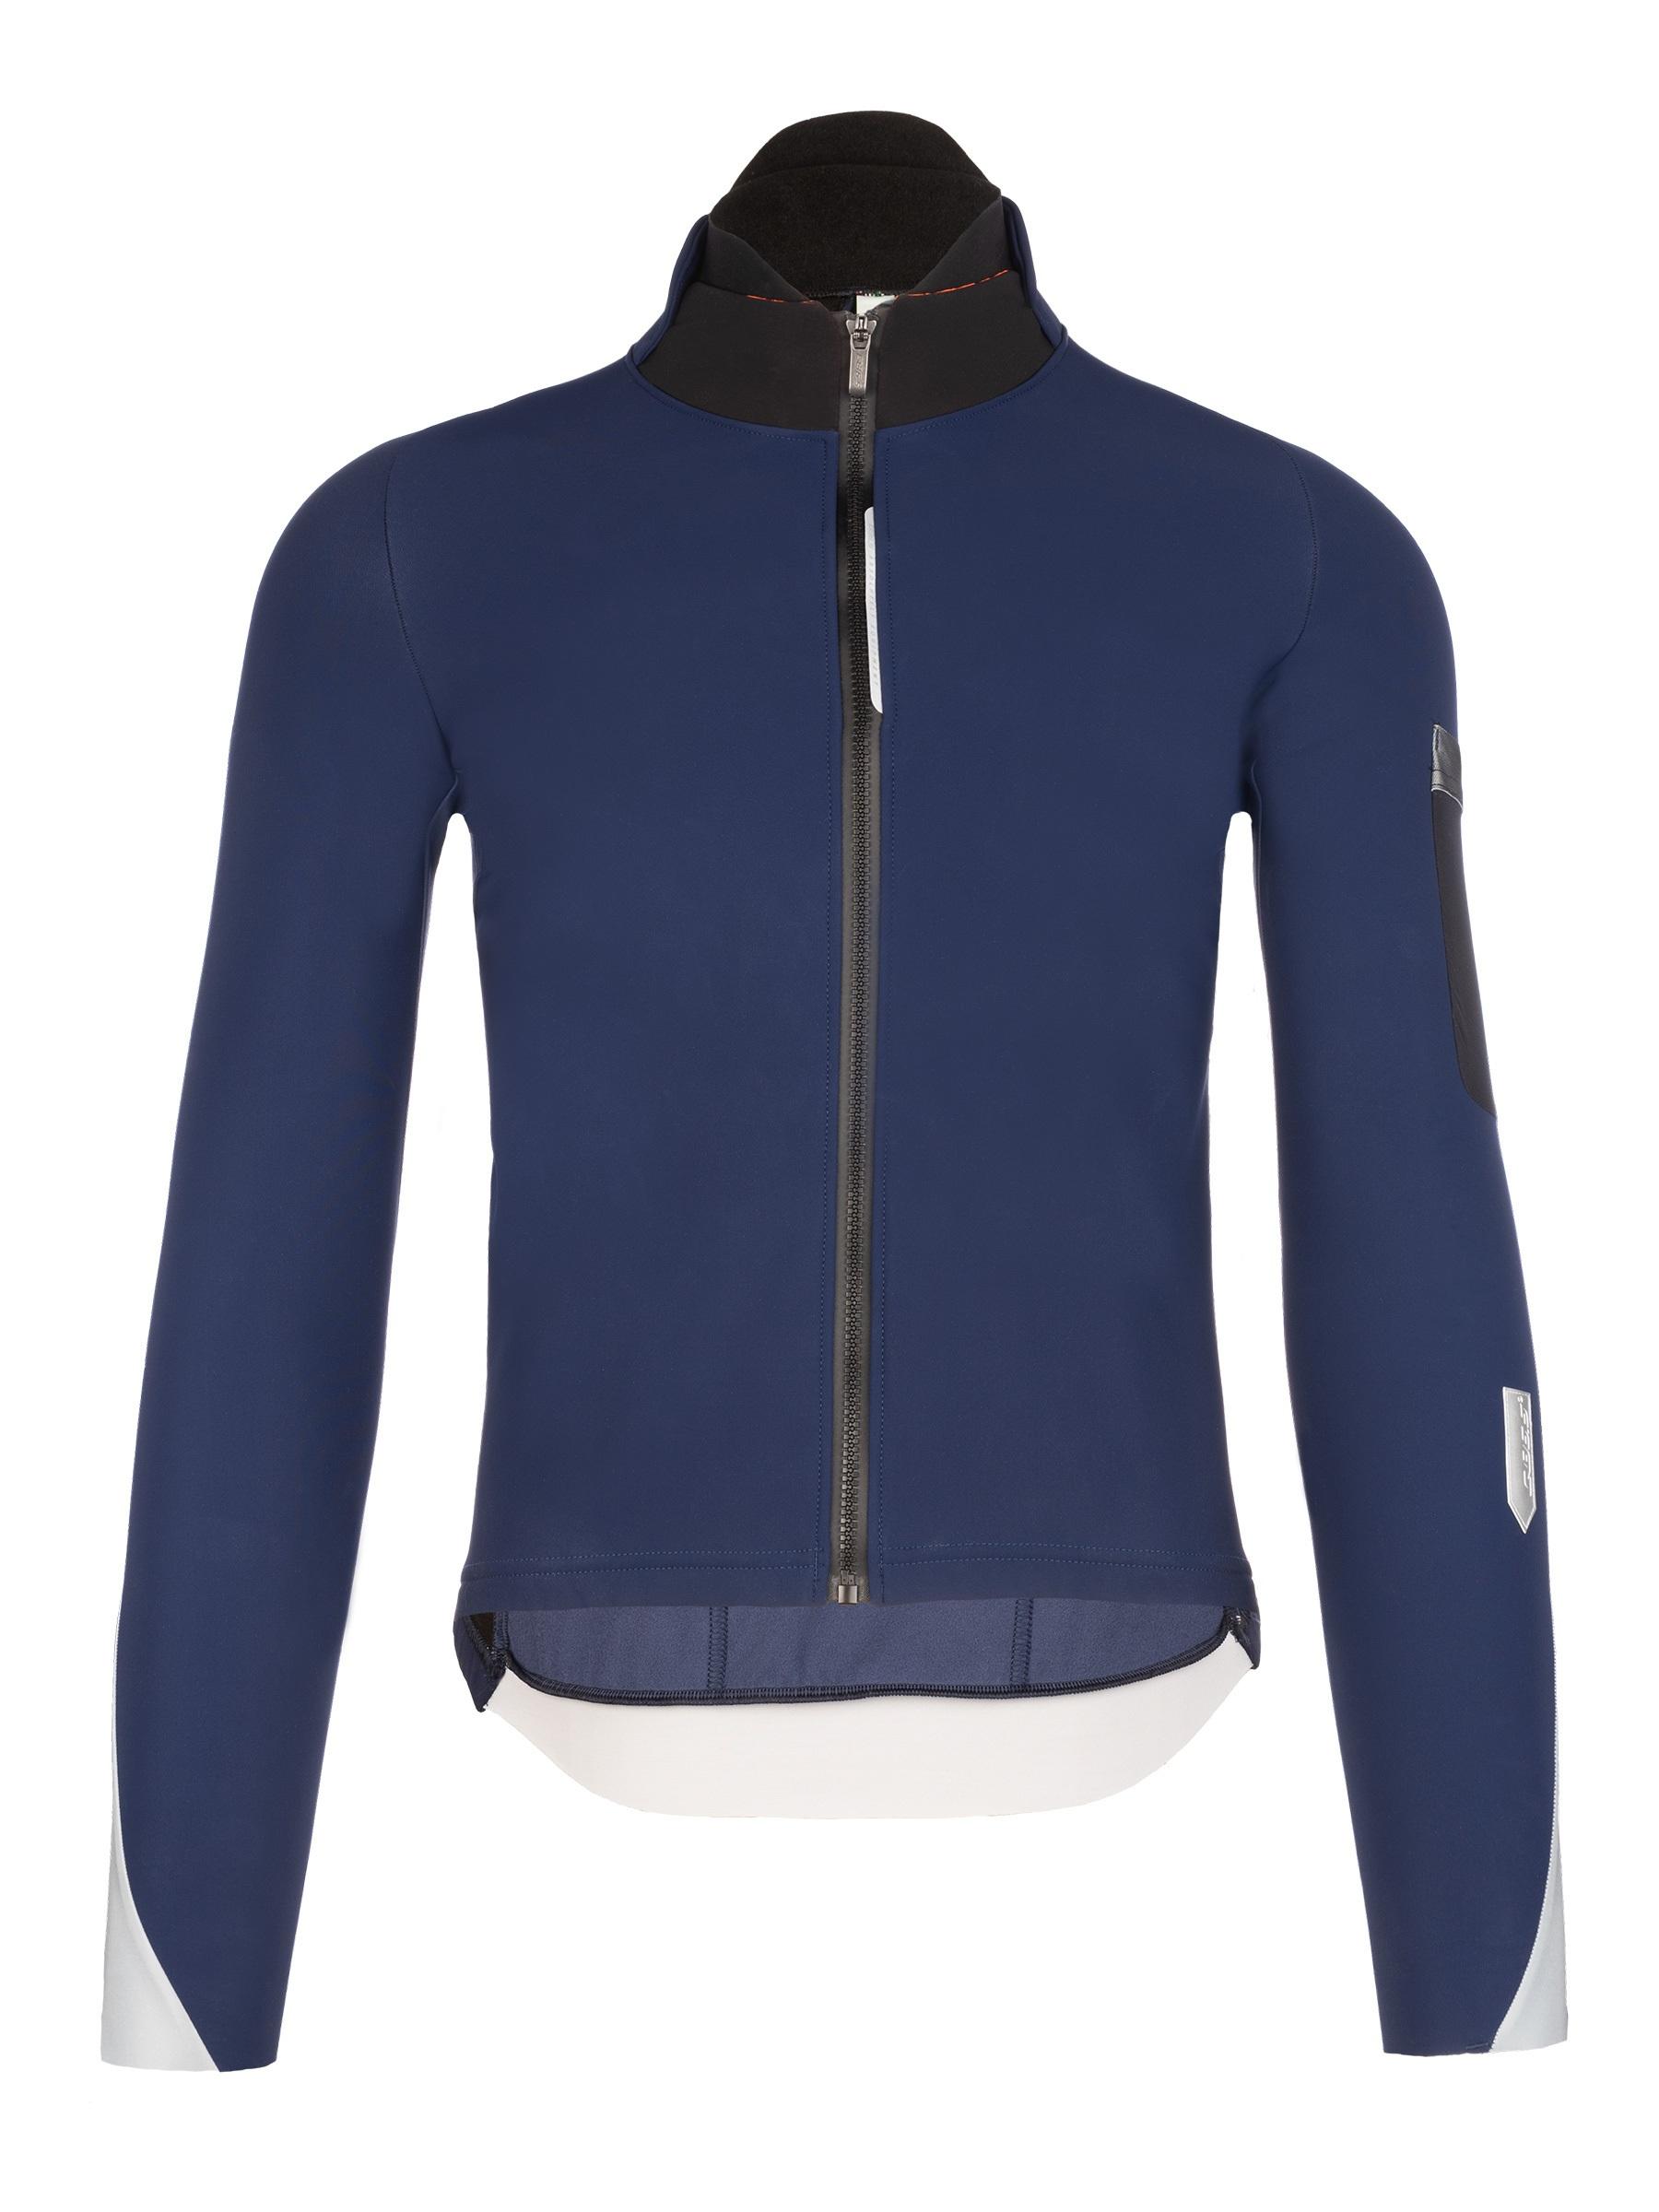 termica x cycling jacket Q36.5